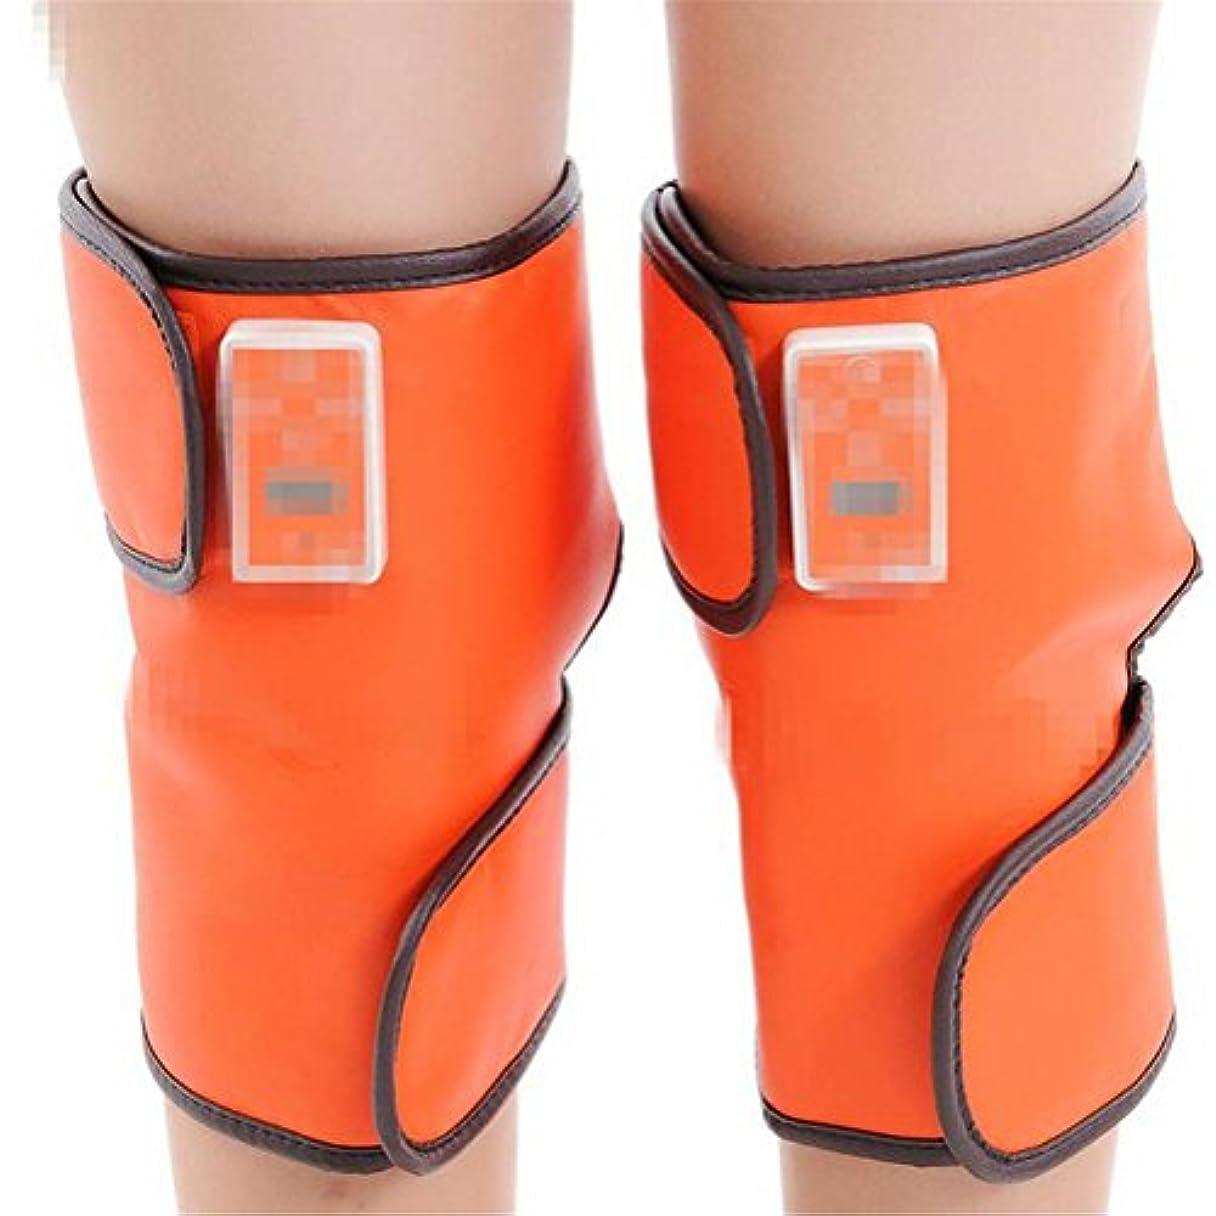 メイドショートカット夫婦エレジーンス-Z電気膝パッド遠赤外線老膝膝パッド健康療法救済装置クリスマスハイエンドギフト